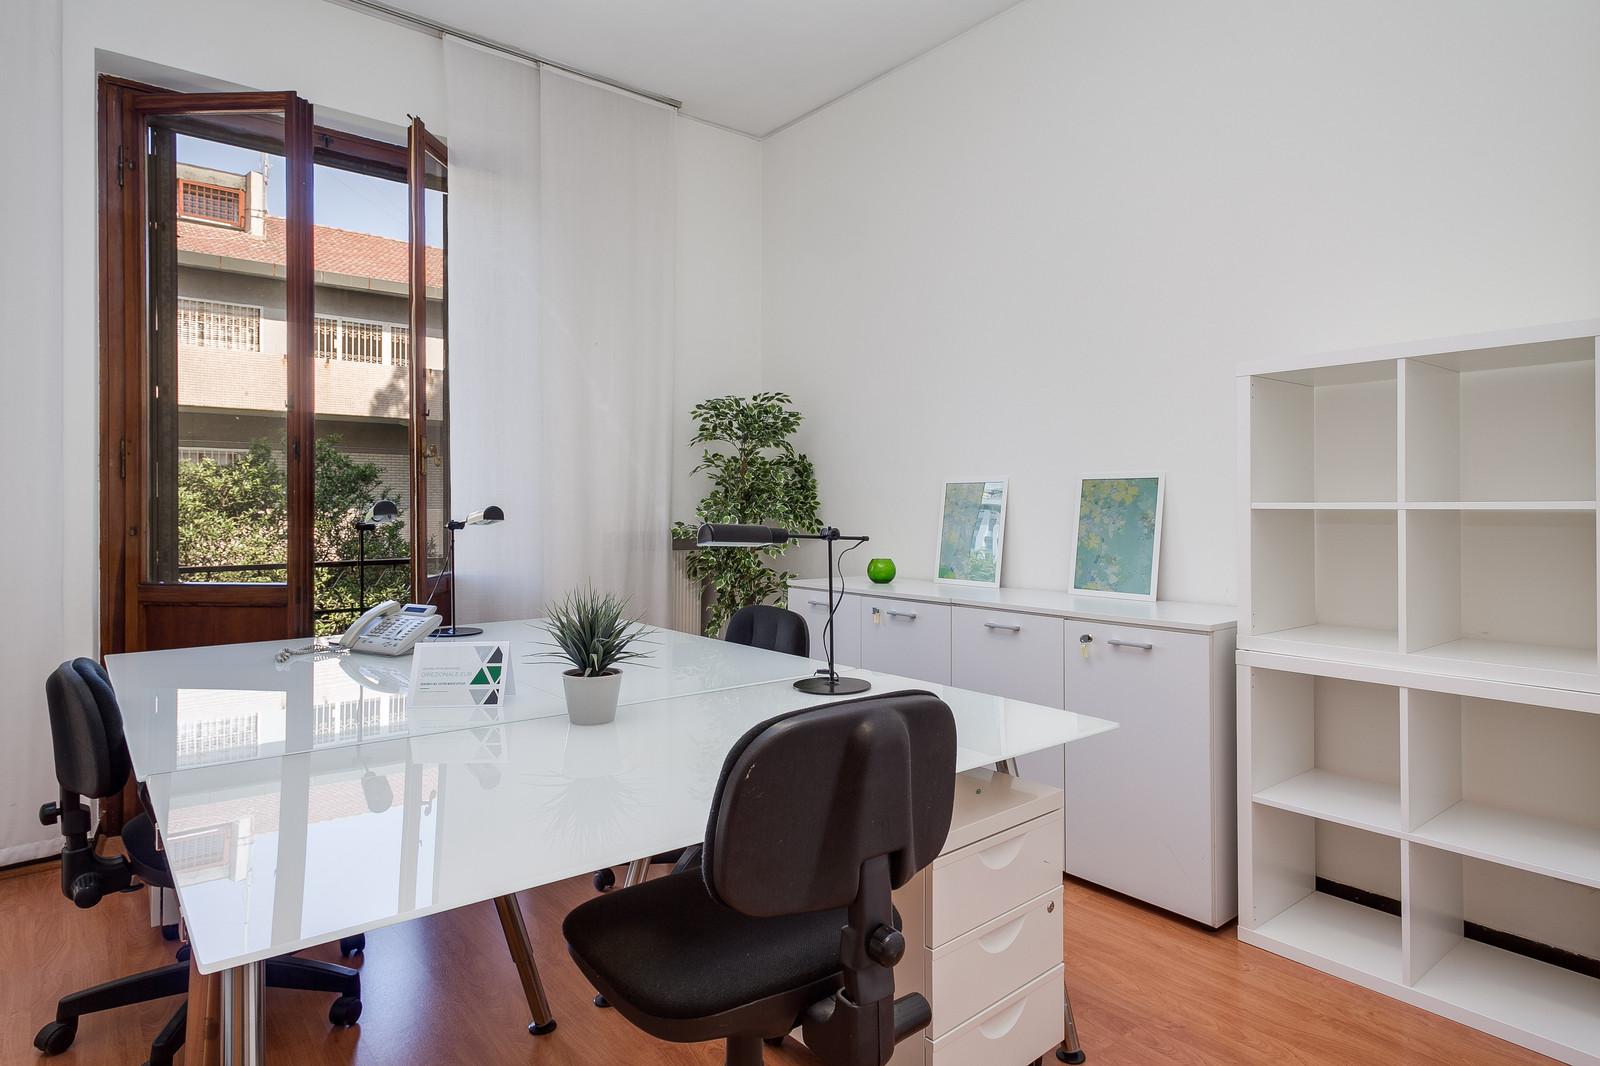 Direzionale eur affitto uffici arredati a roma uffici for Uffici in affitto roma sud